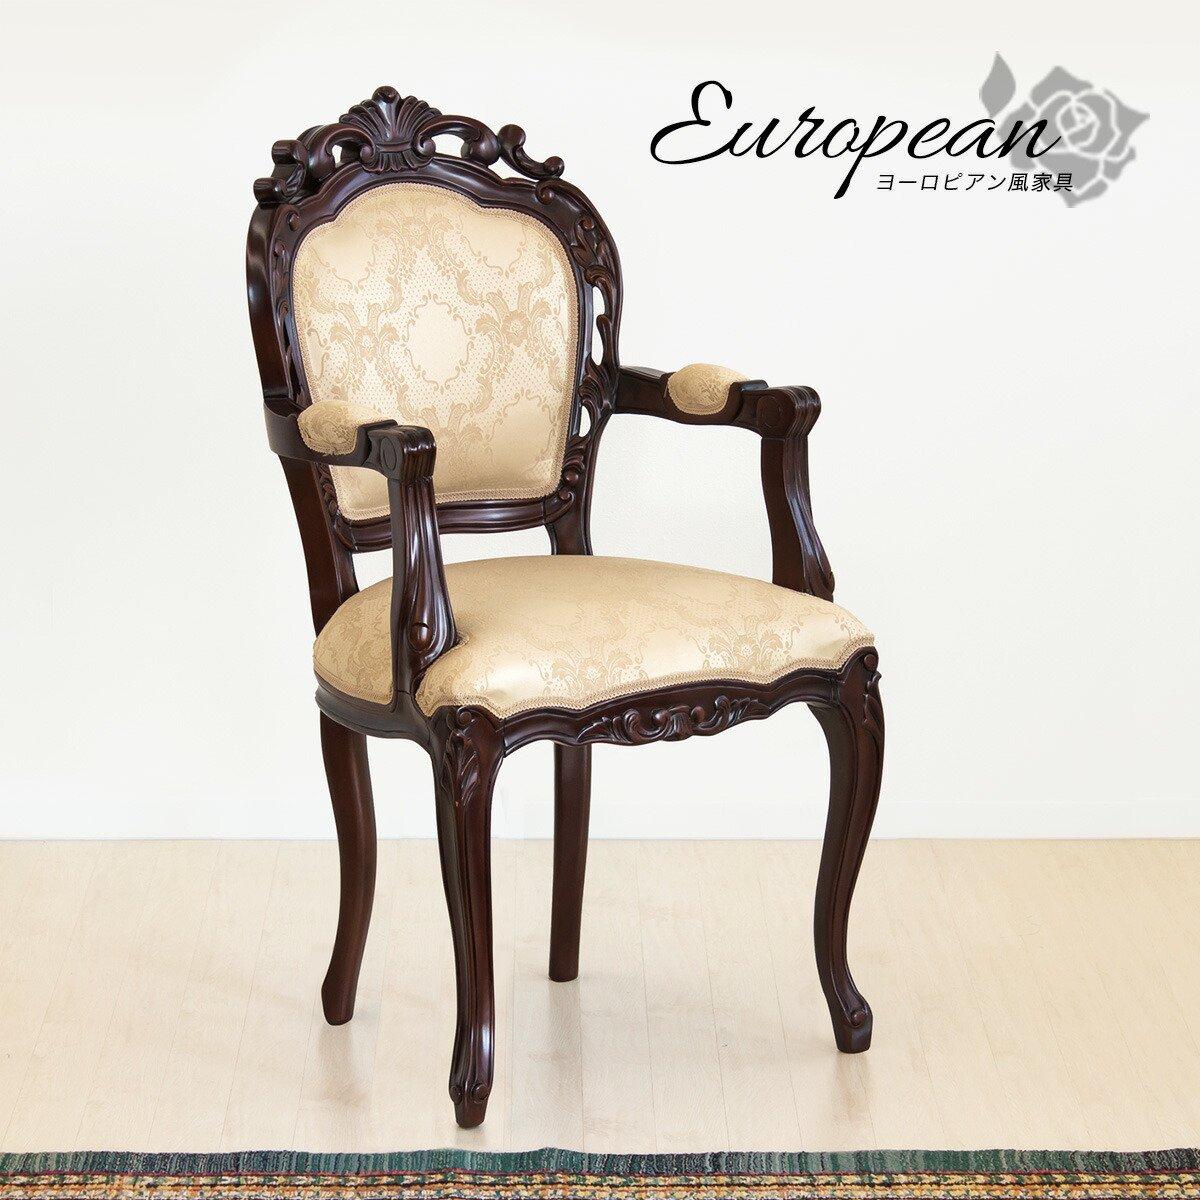 マホガニー 肘付き アンティーク チェアー 椅子 ヨーロピアン